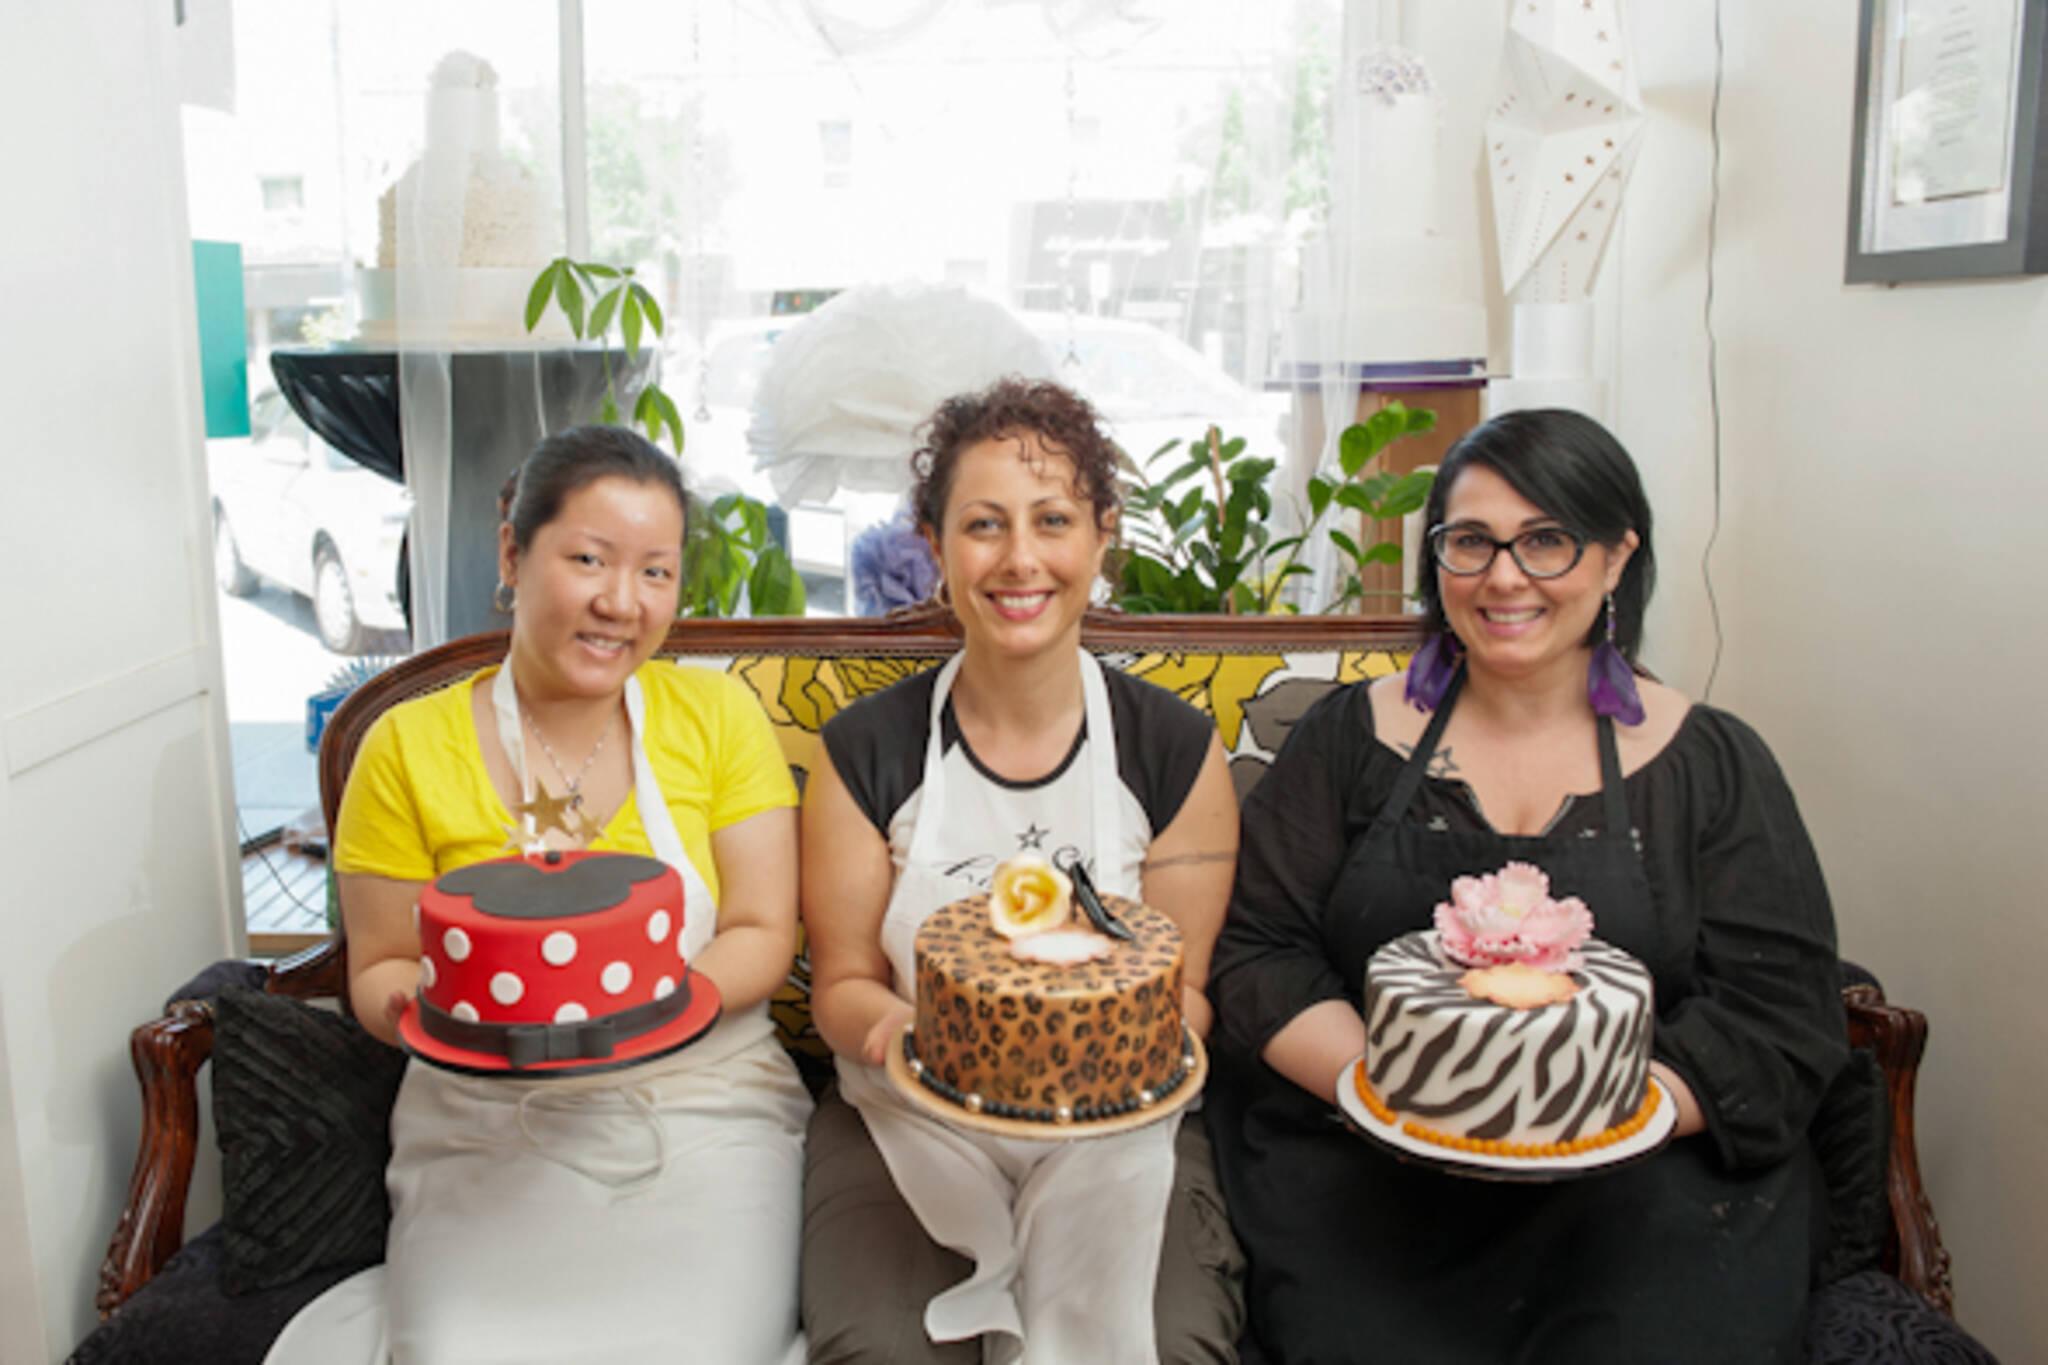 cakestar toronto